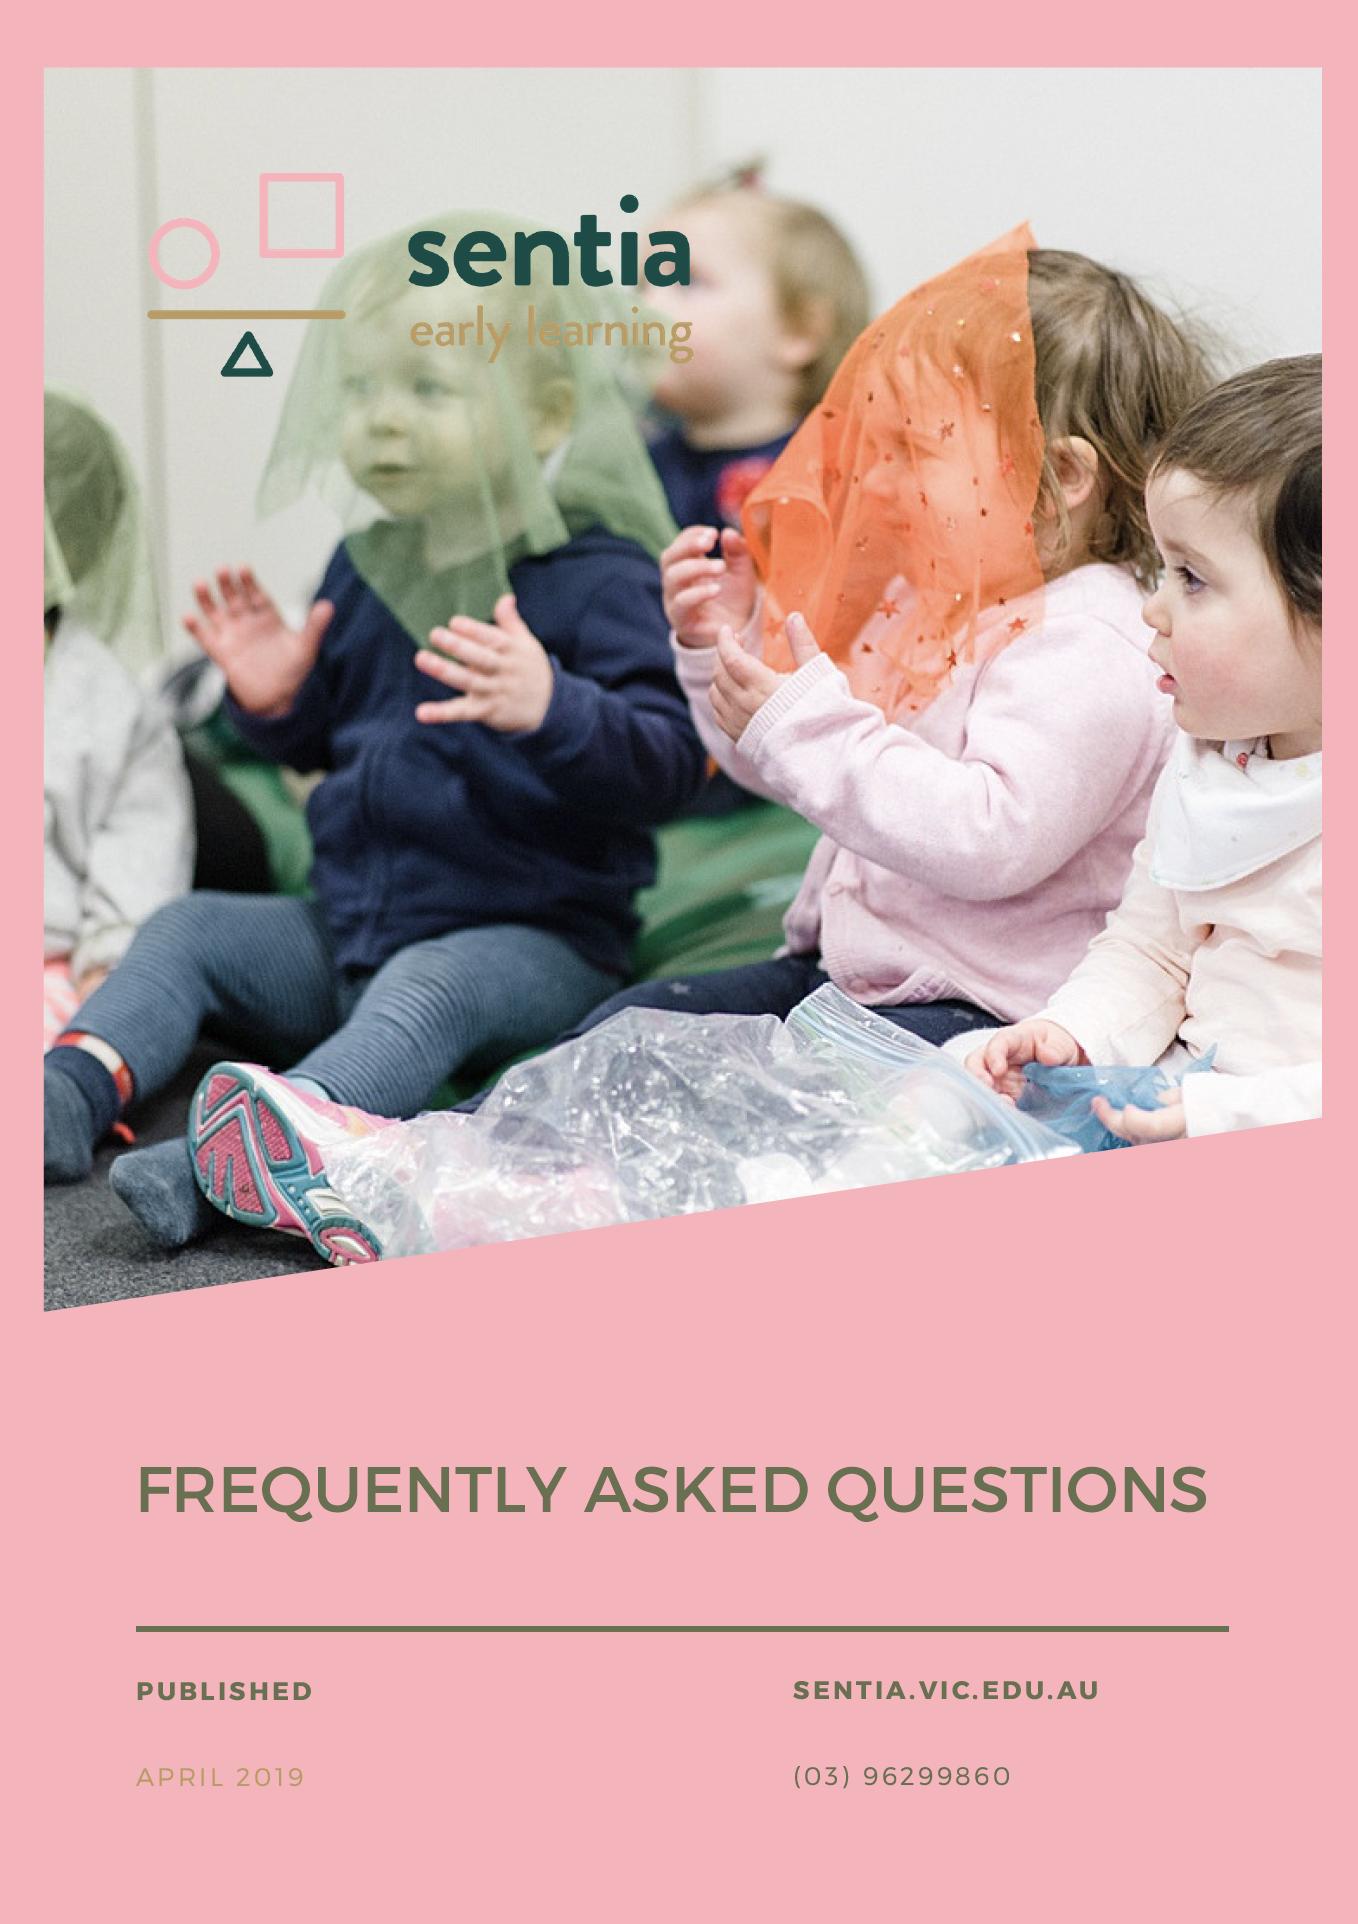 Sentia FAQ's